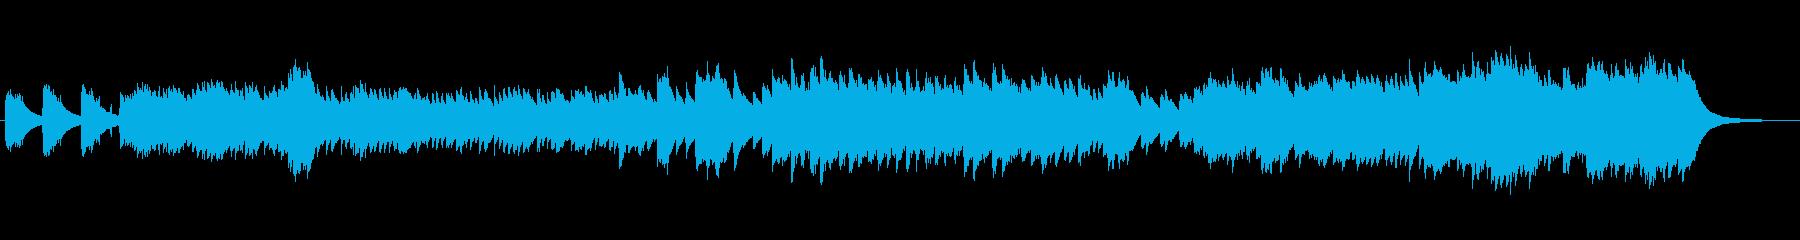 メローでメロディアスなオルゴールサウンドの再生済みの波形